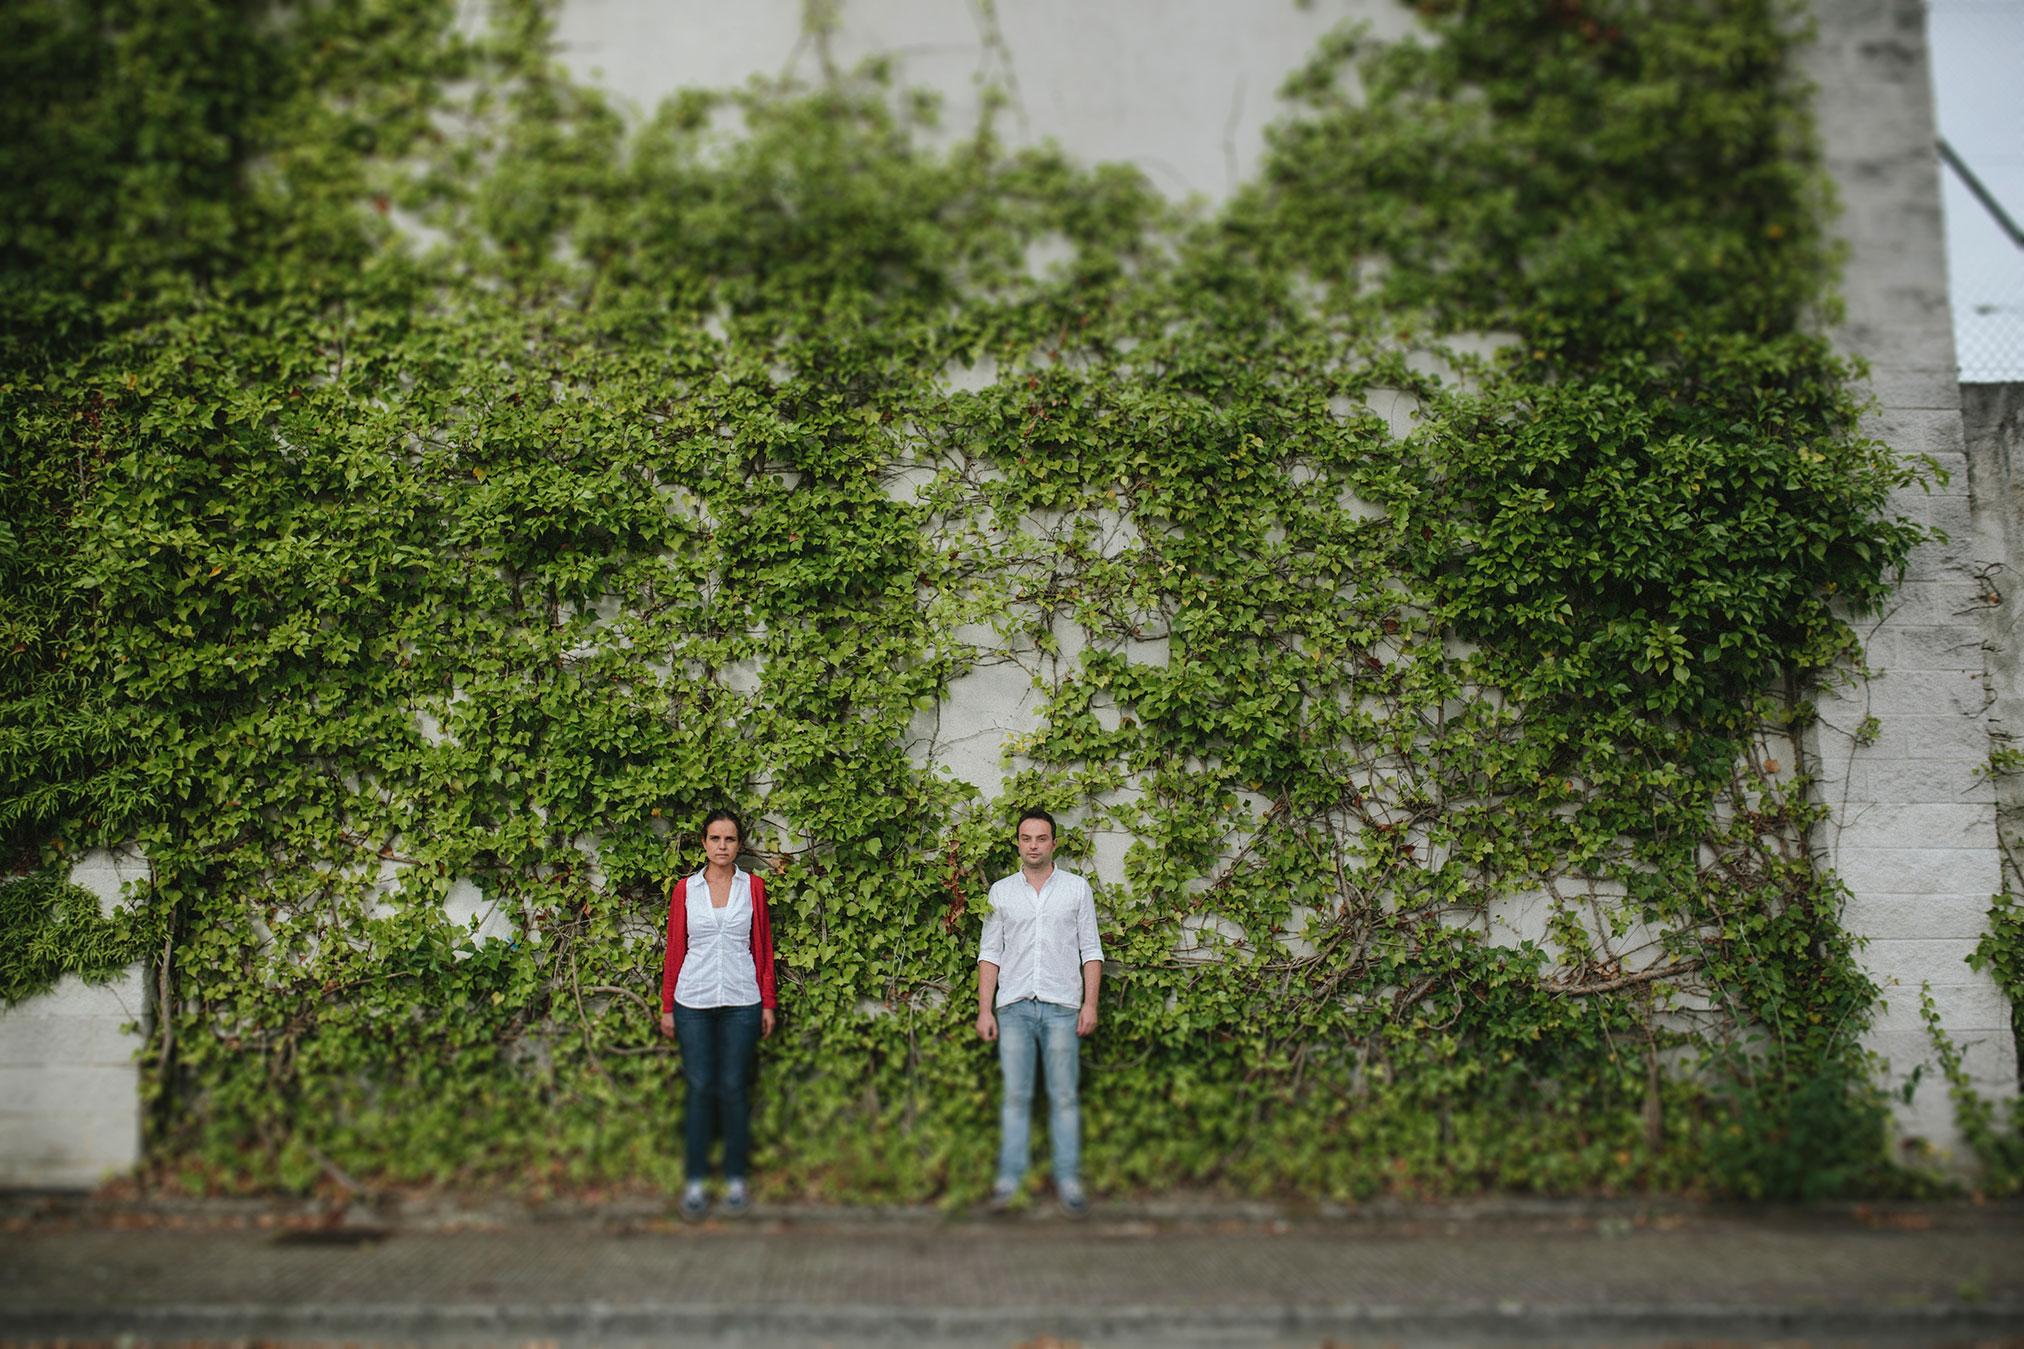 Couple Photographer Graciela Vilagudin Dublin Galicia 1390.jpg